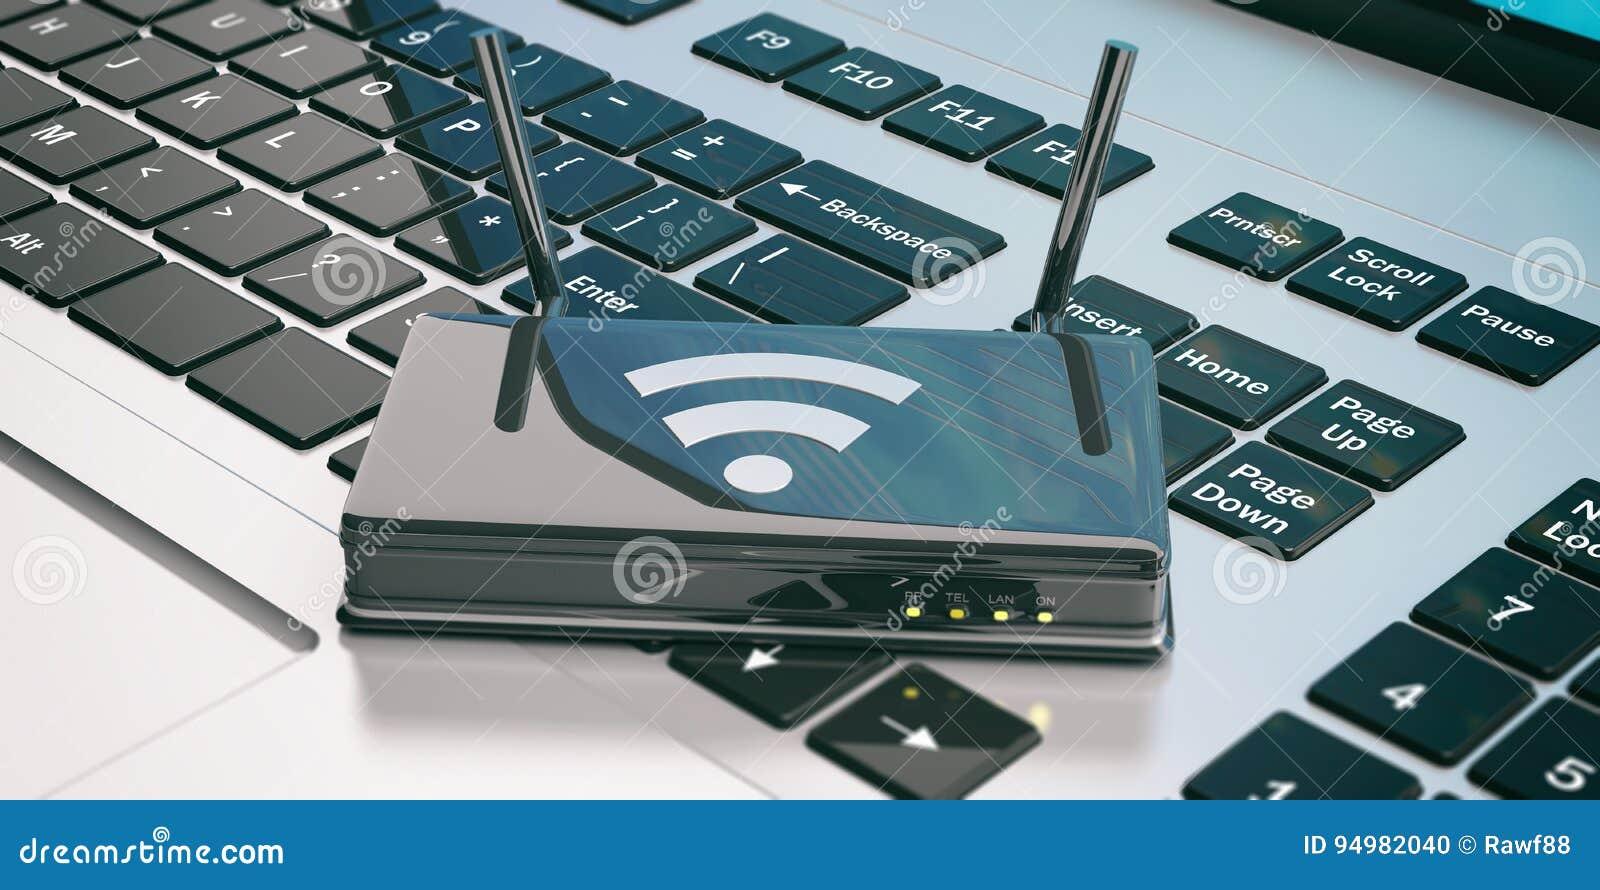 Routeur de Wifi sur un ordinateur portable illustration 3D